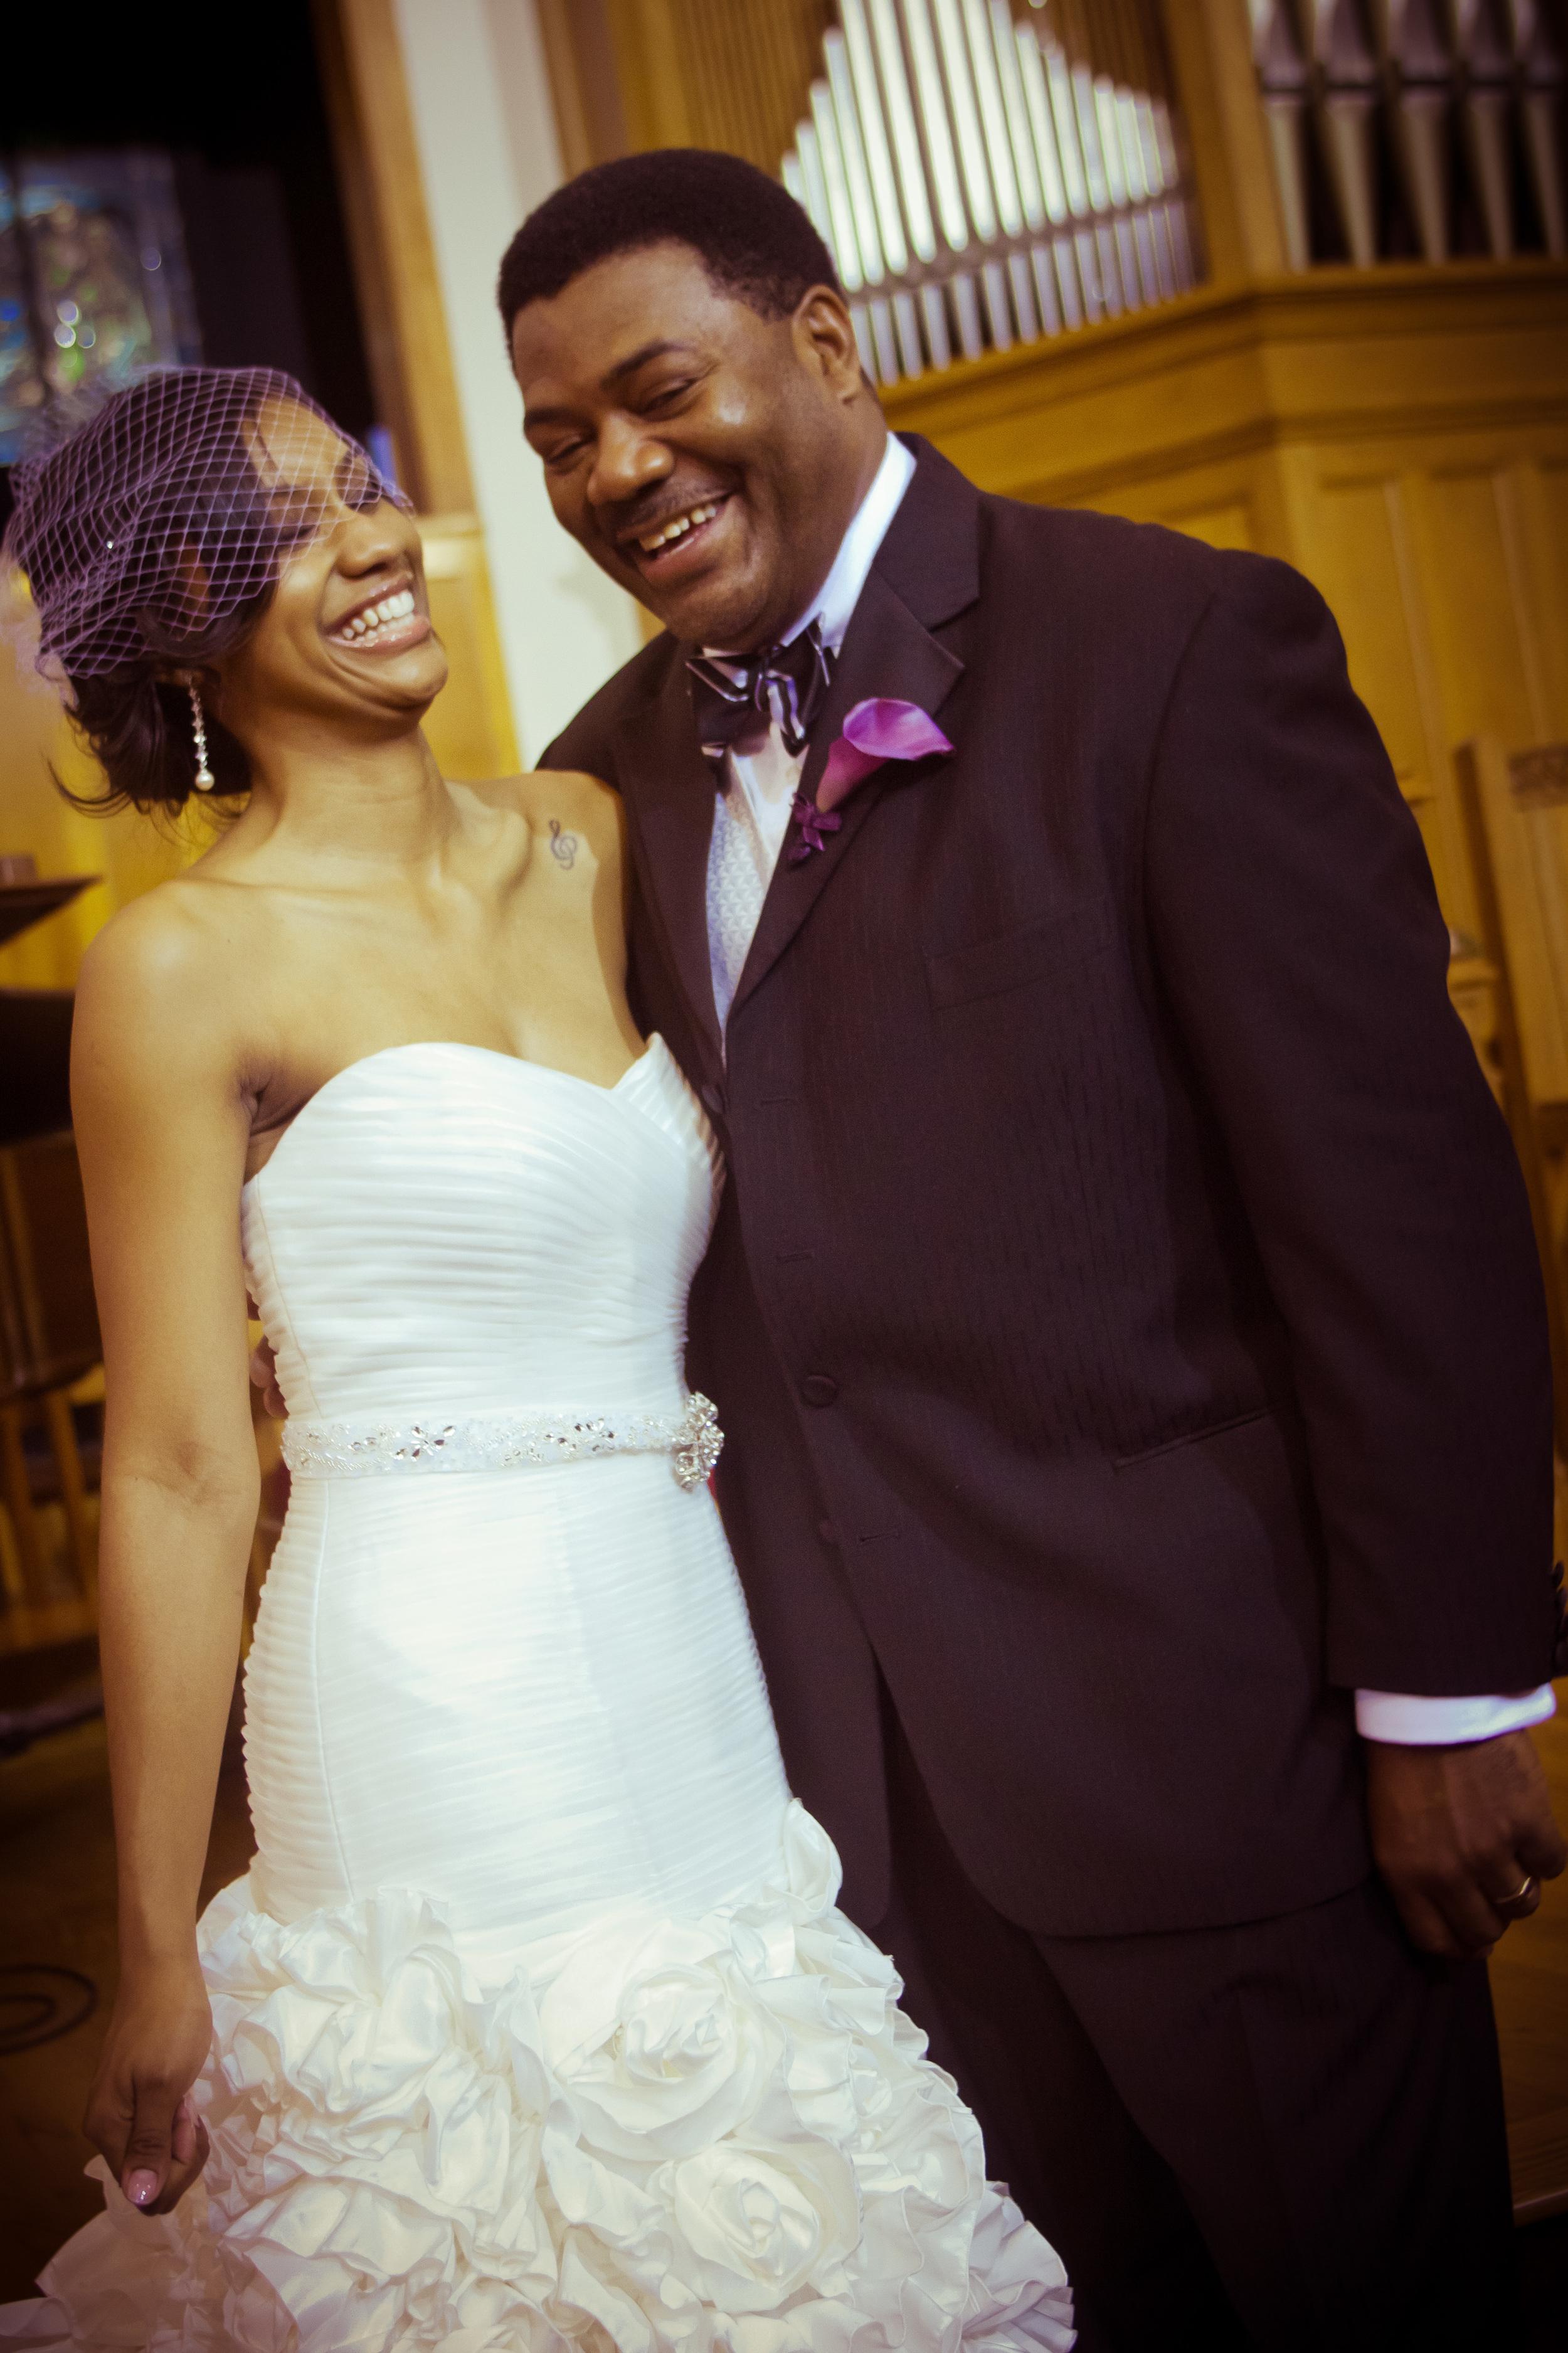 Riley-Wedding-269-1825116586-O.jpg